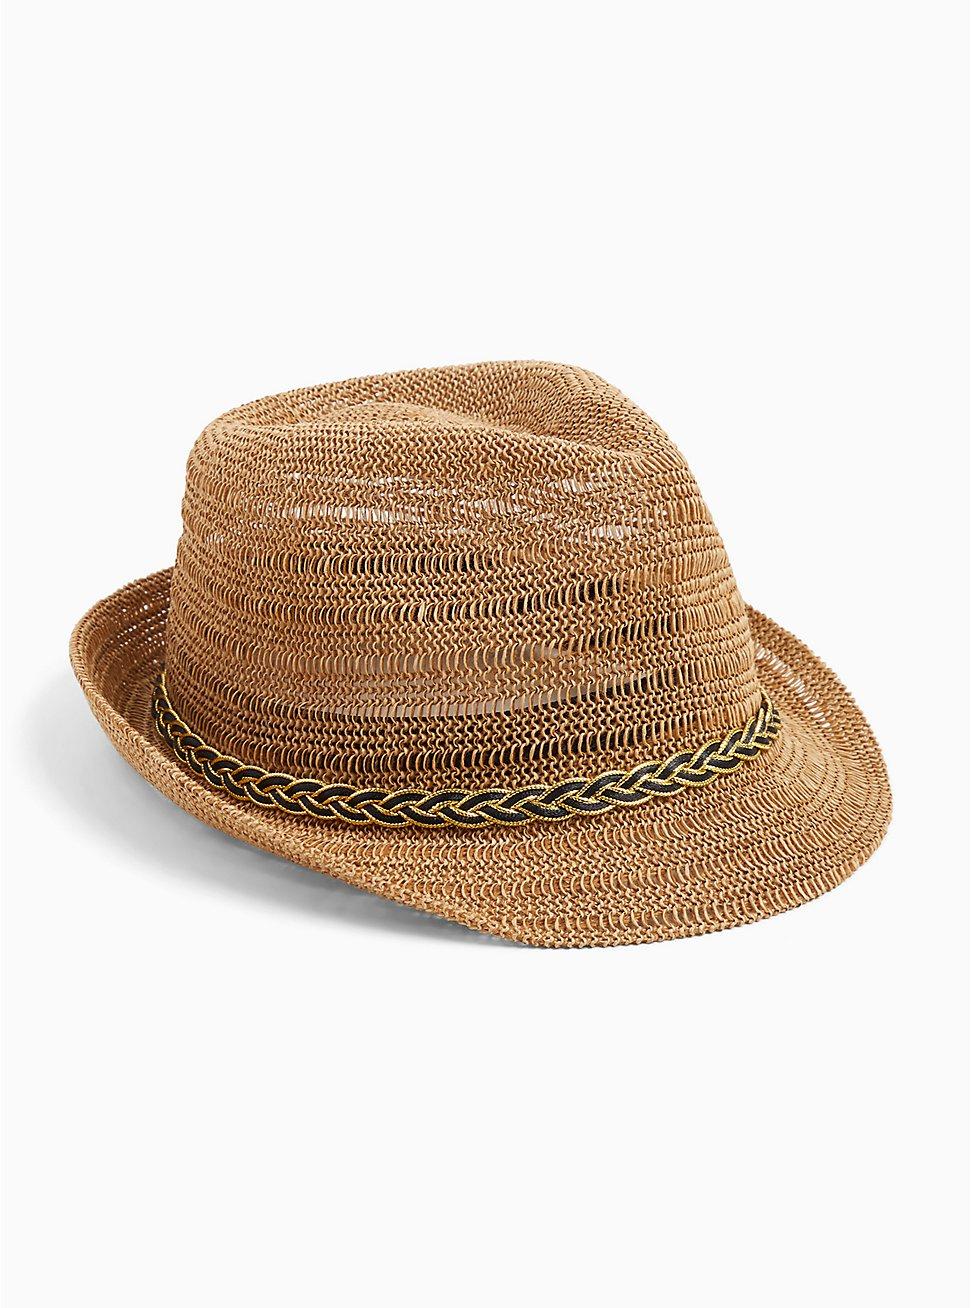 Dark Tan Braid Trim Fedora Hat, NATURAL, hi-res